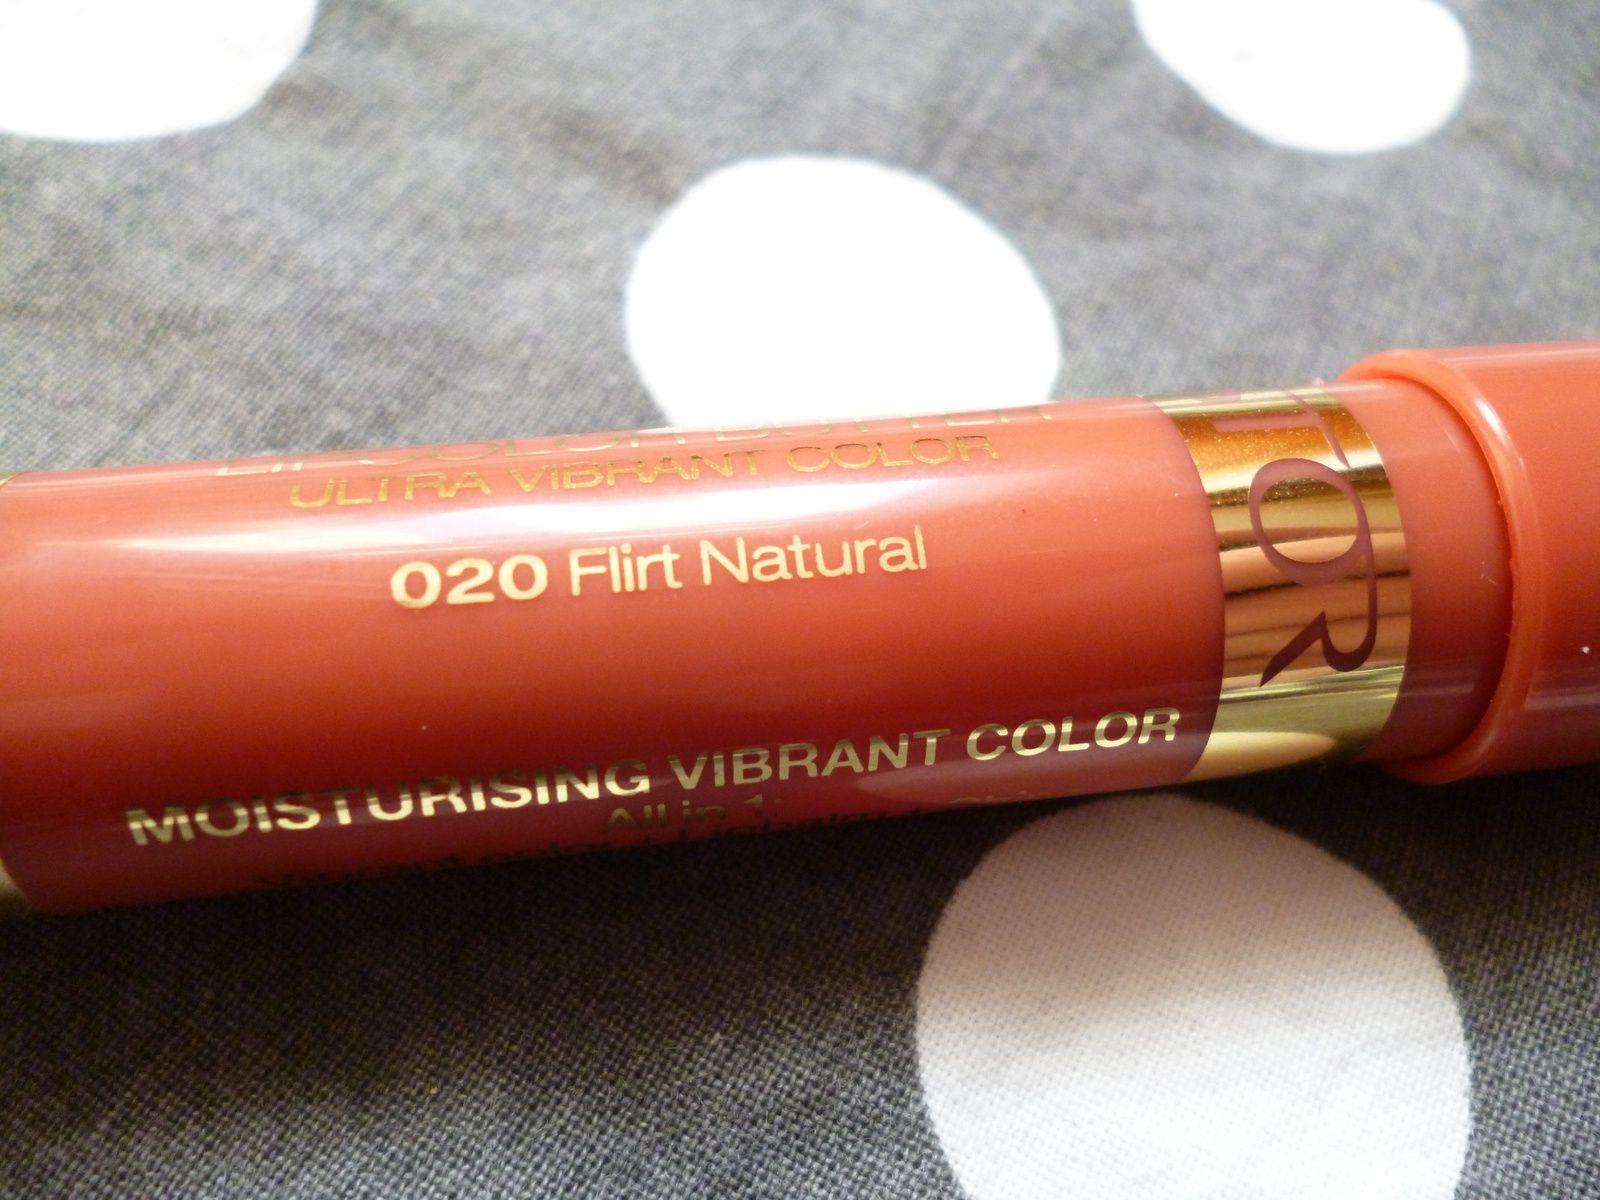 Ich habe die Farbe 020 Flirt Natural